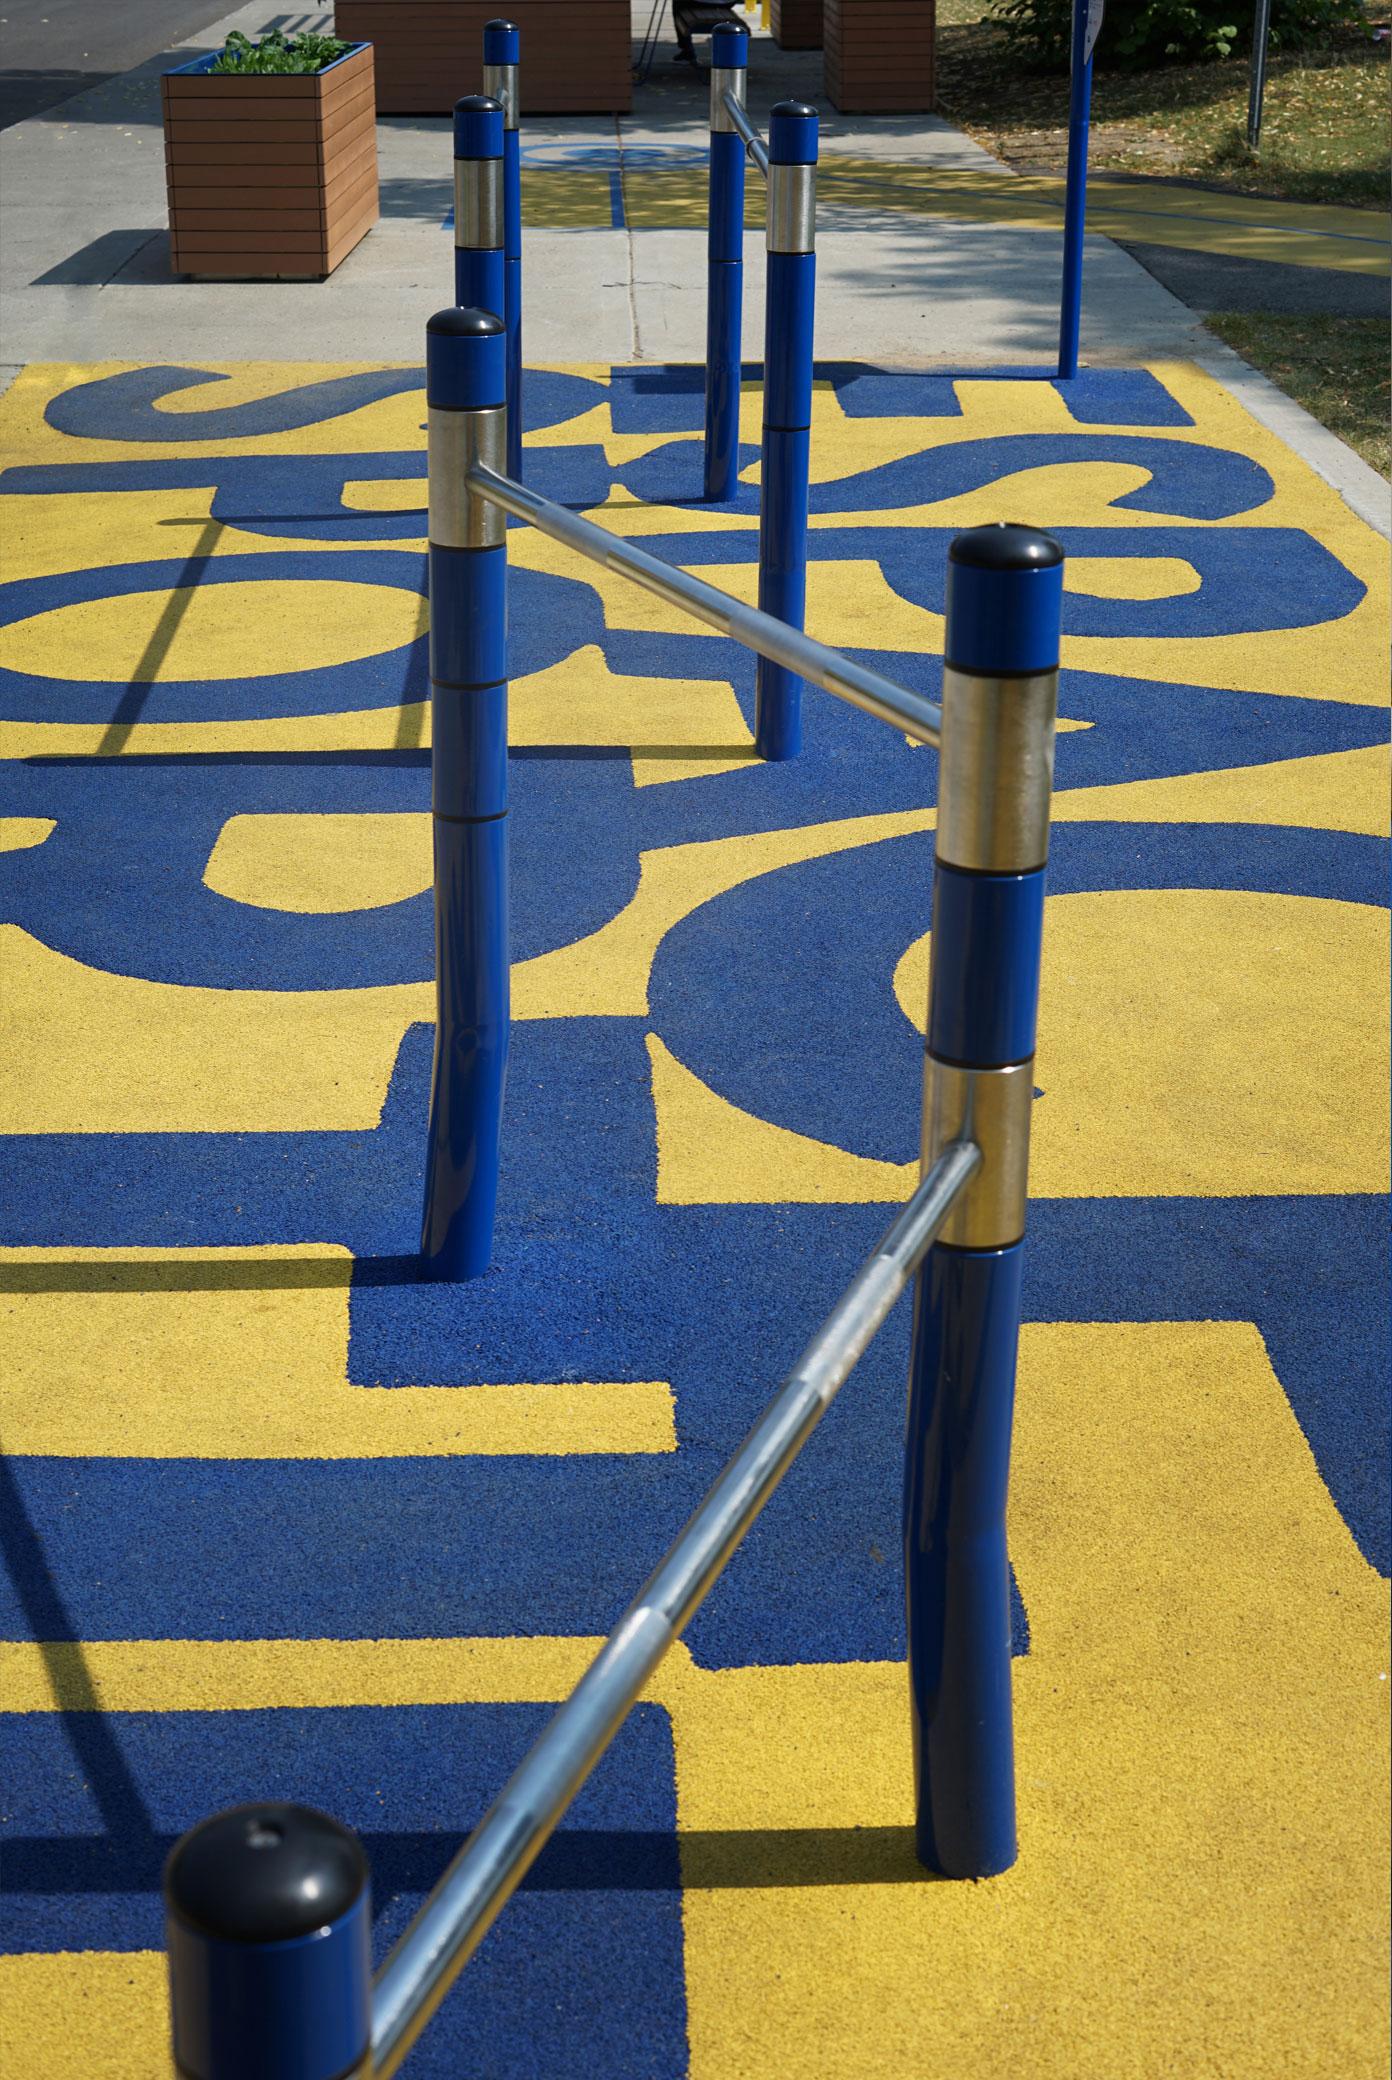 Extérieur parc sport hommes obstacles